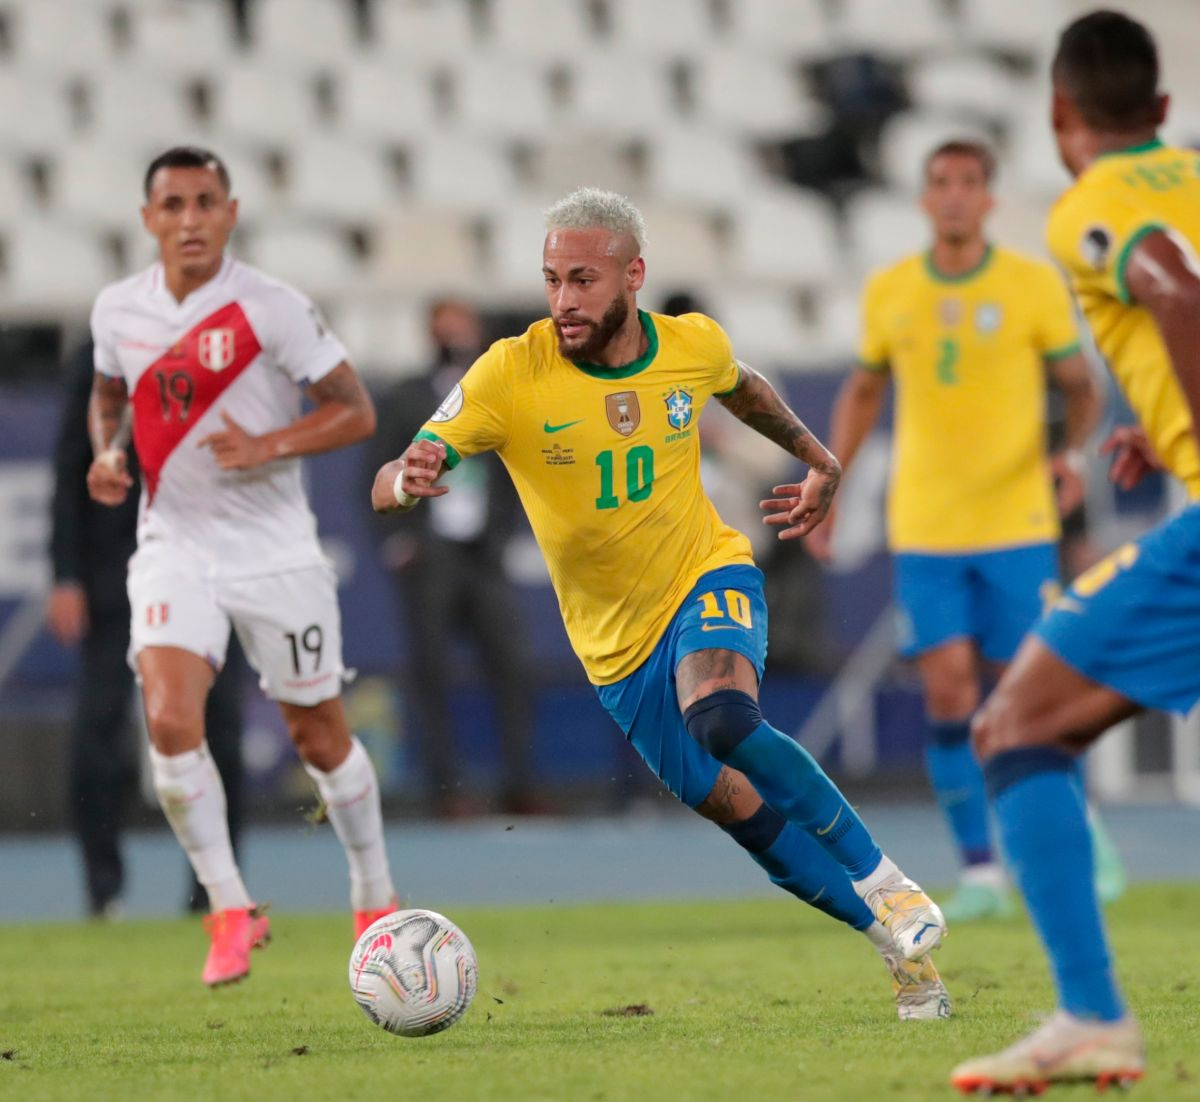 Con pura magia: Brasil goleó 4-0 a Perú y así fueron los tantos de la Verdeamarela